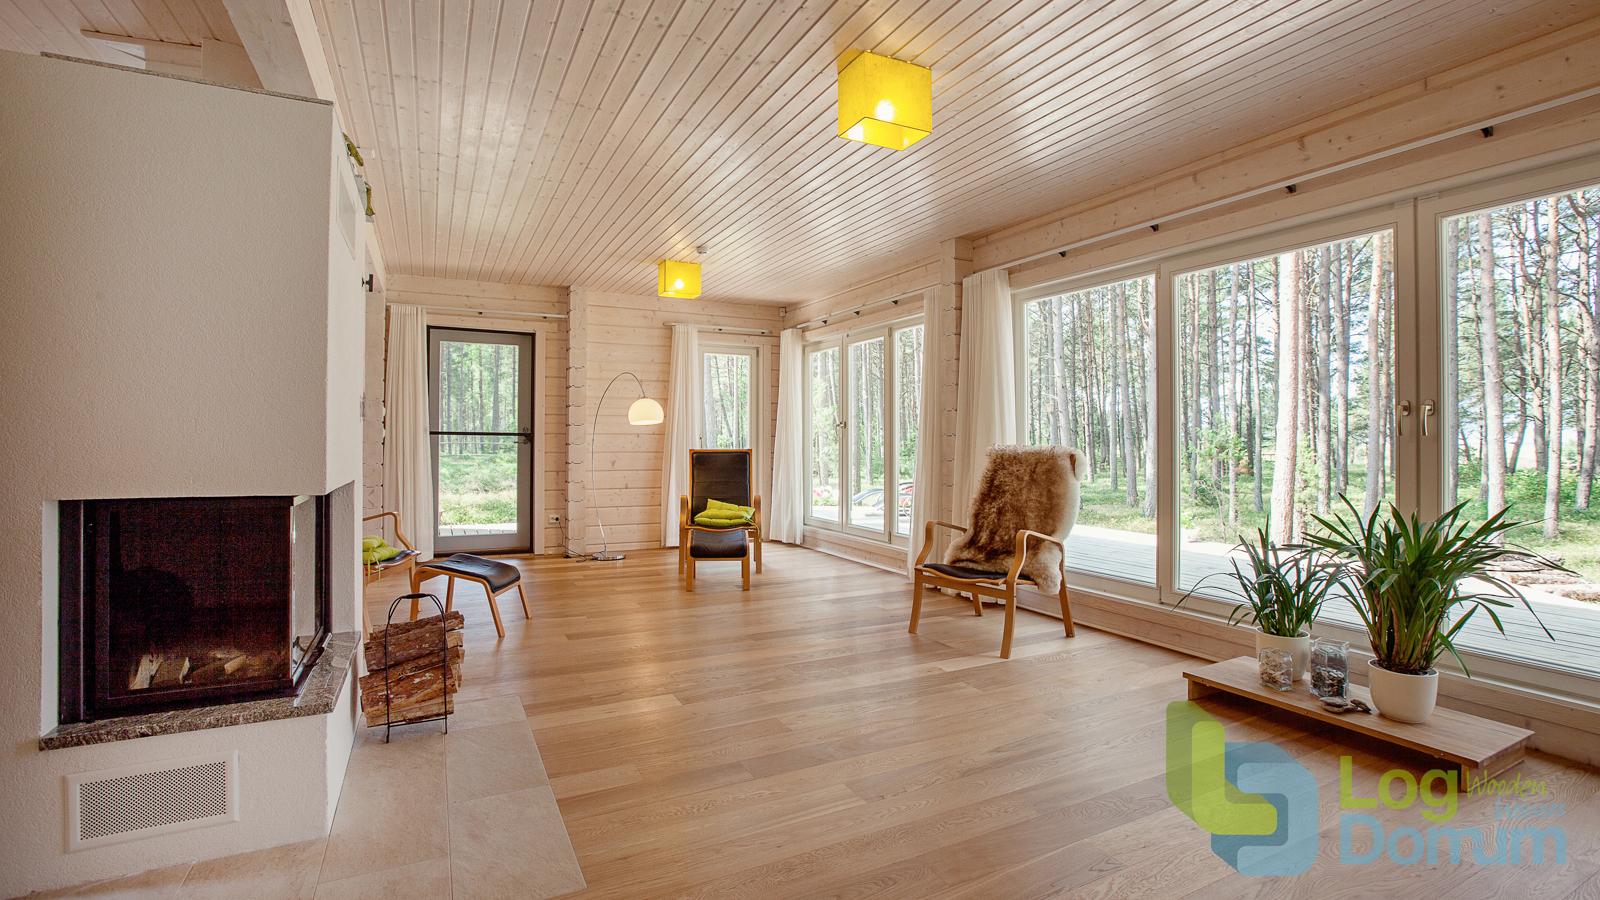 pensez r nover votre toiture pour avoir plus de confort dans votre maison h auteurs de l. Black Bedroom Furniture Sets. Home Design Ideas